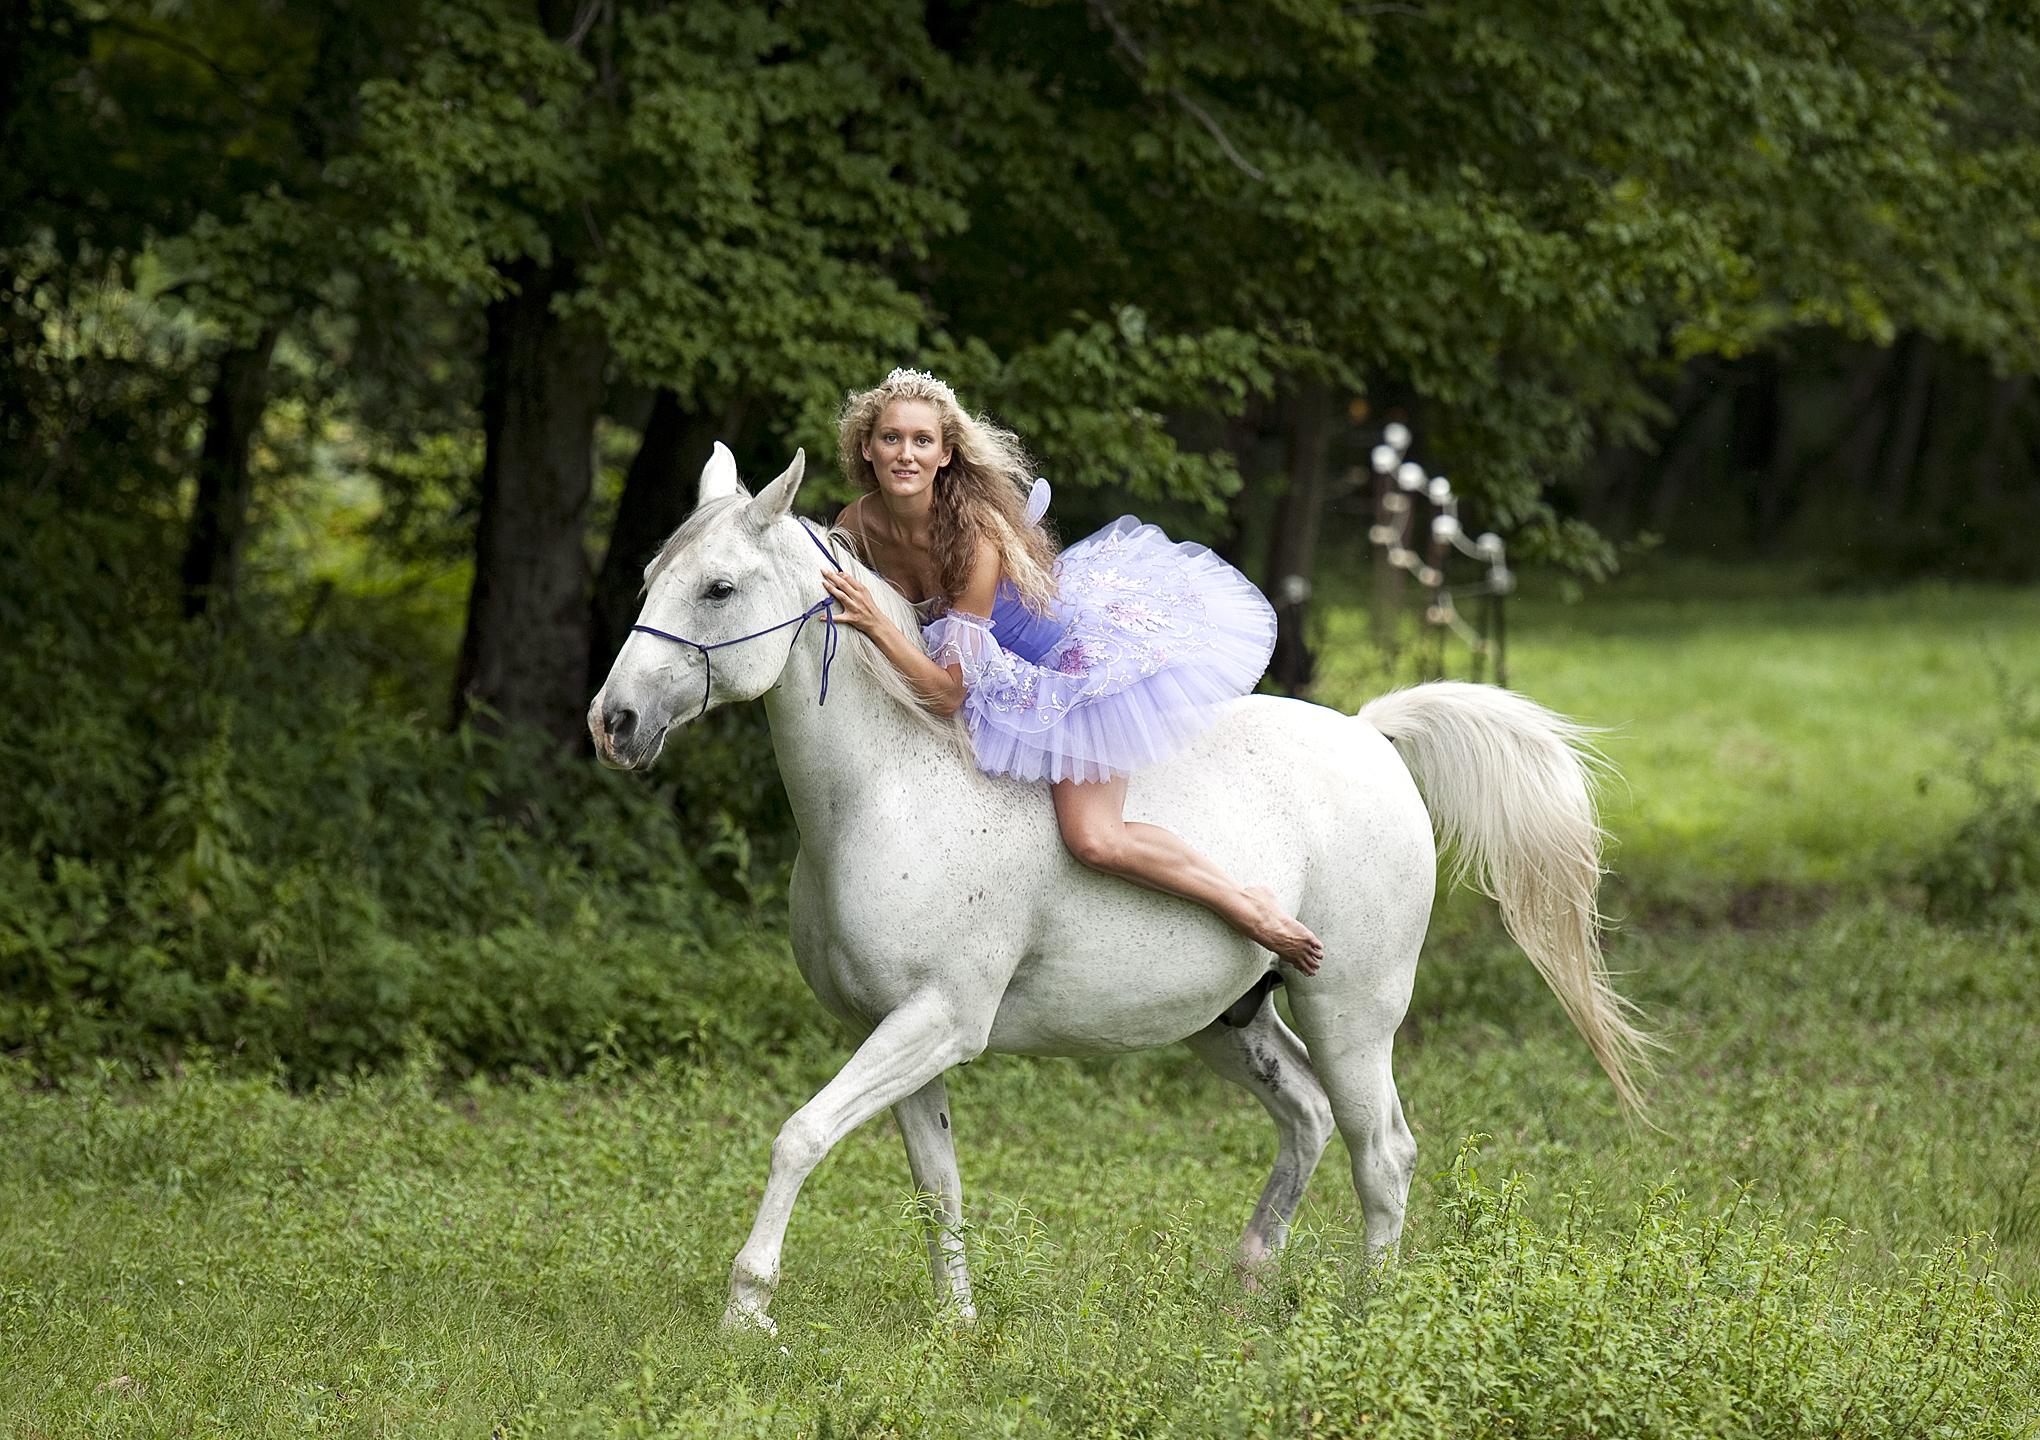 ballet dancer on horseback